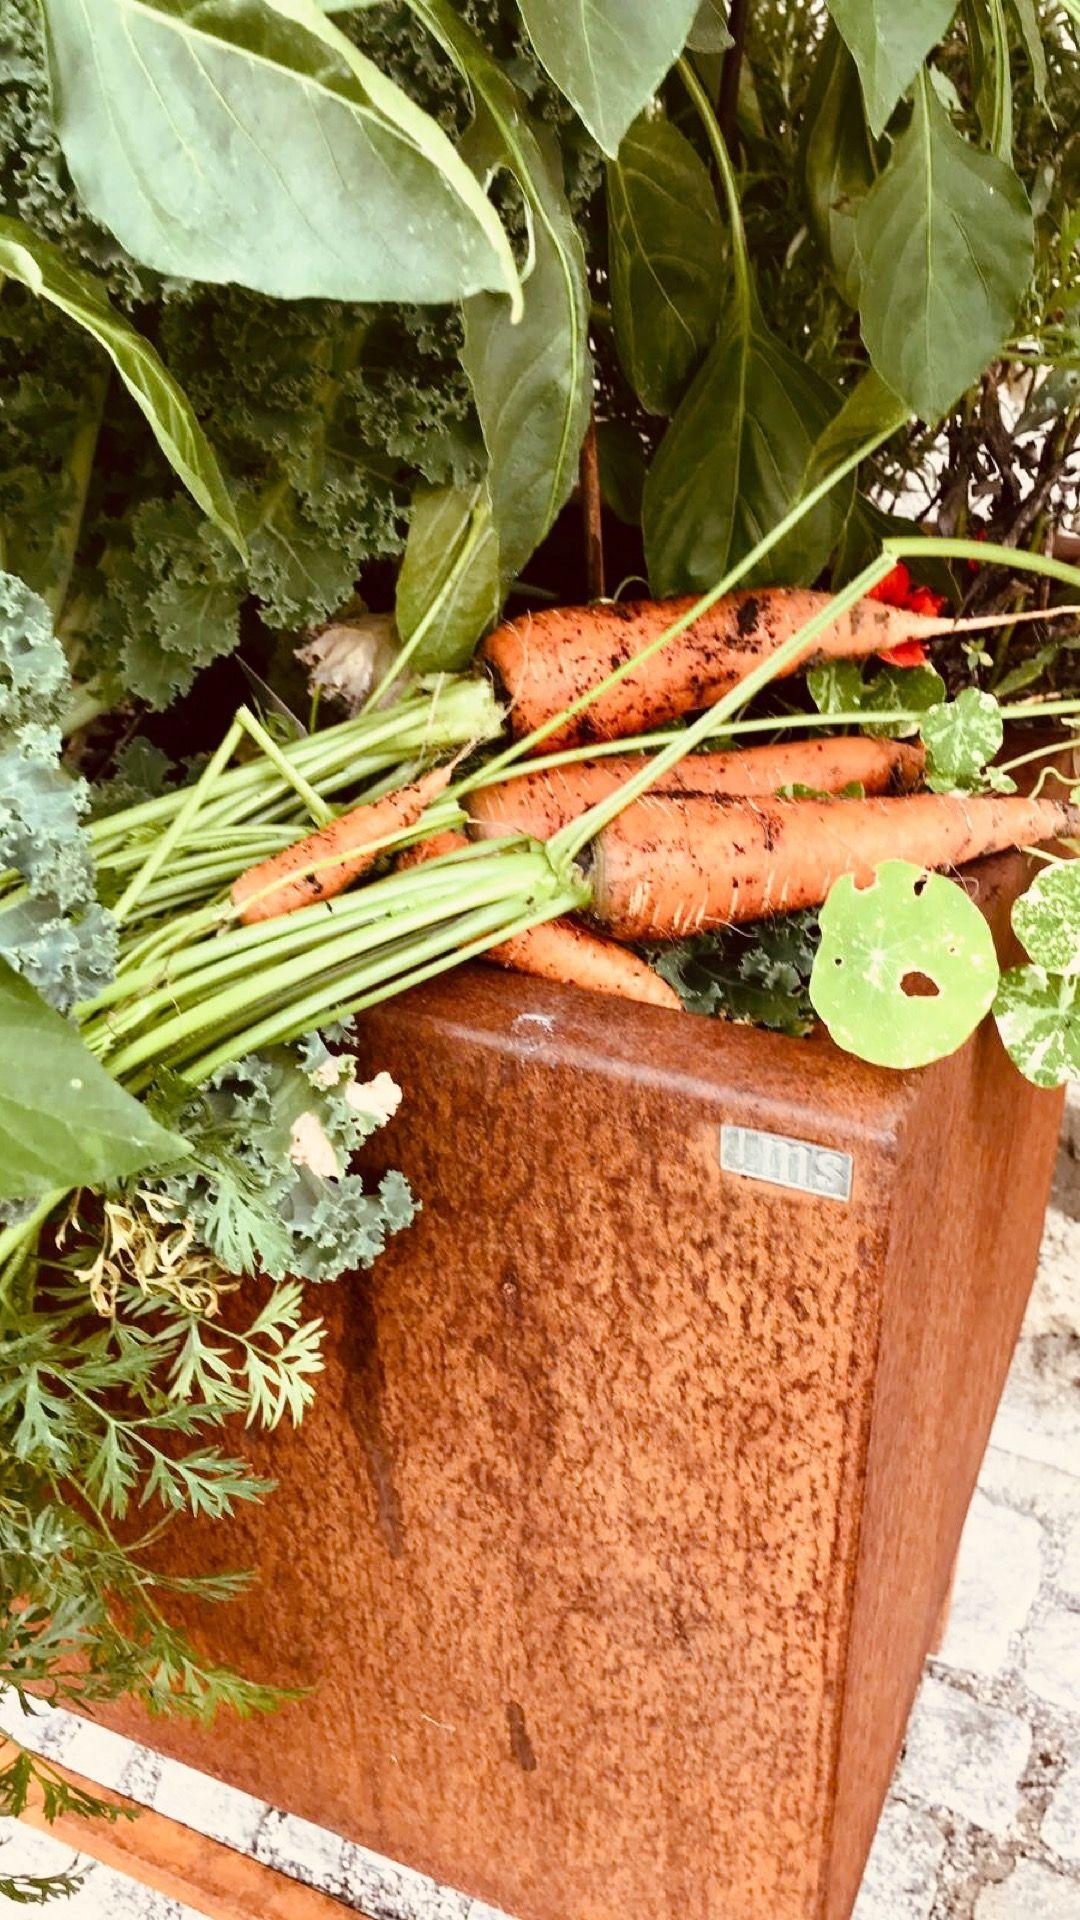 Karotte Aus Dem Isoliertem Cortenstahl Hochbeet Erntezeit Gemuse Garten Wachsen Hochbeet Pflanzen Haus Und Garten